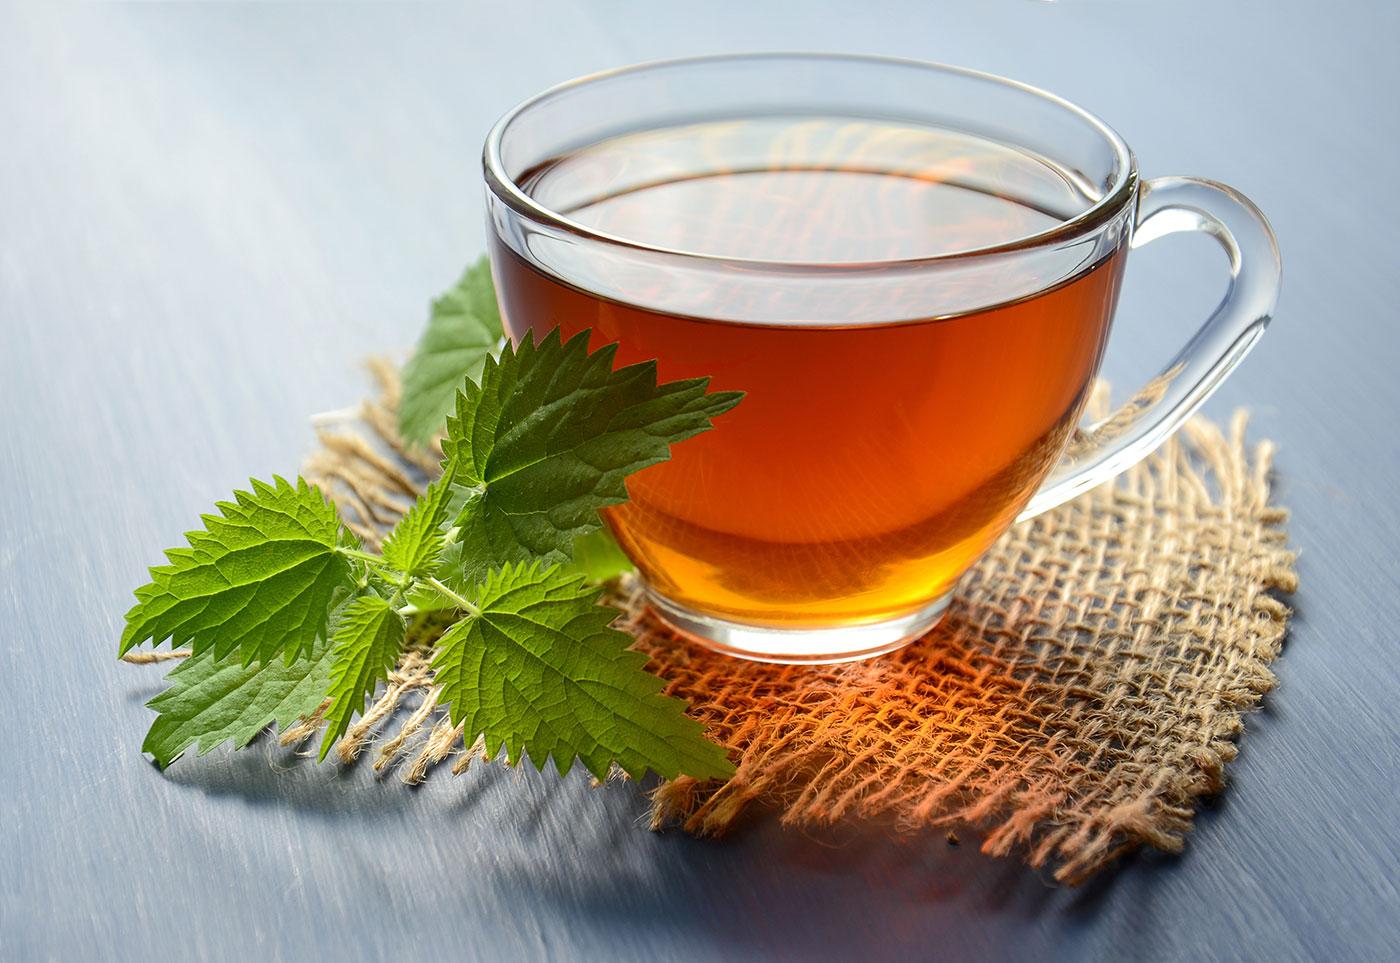 Gőzőlgő tea